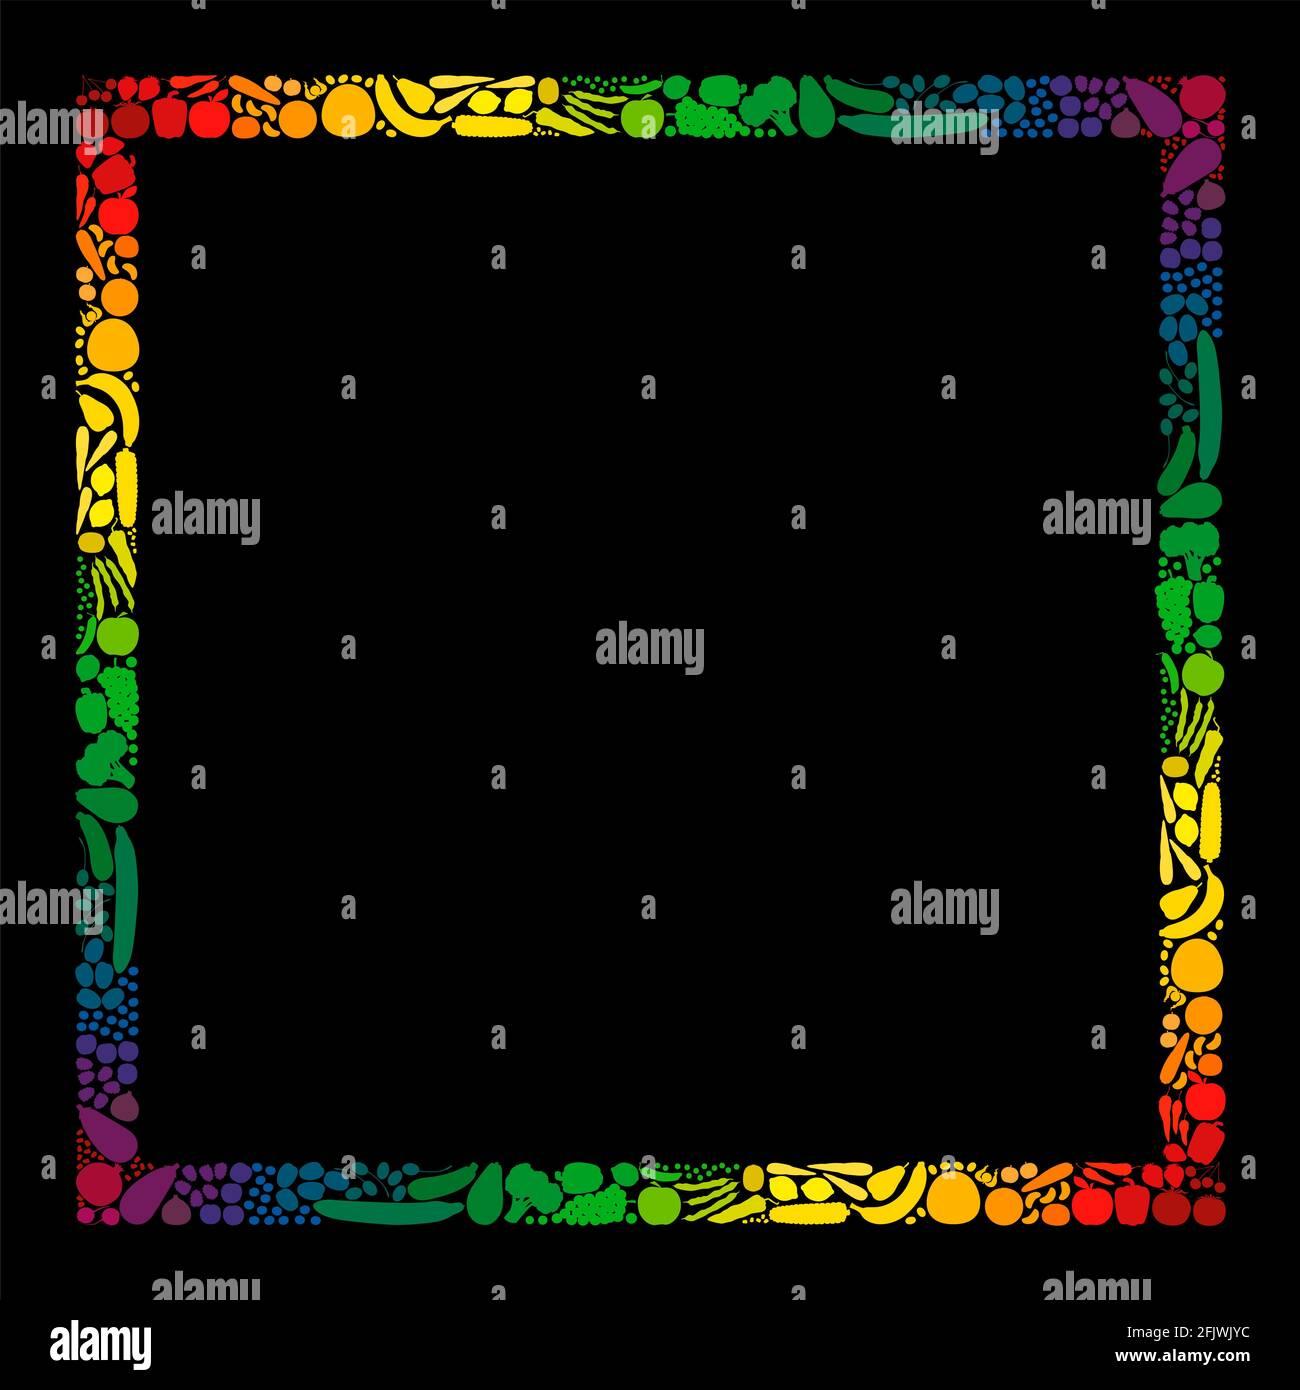 Marco de verduras y frutas, formato cuadrado, rayas de color arco iris - ilustración sobre fondo negro. Foto de stock